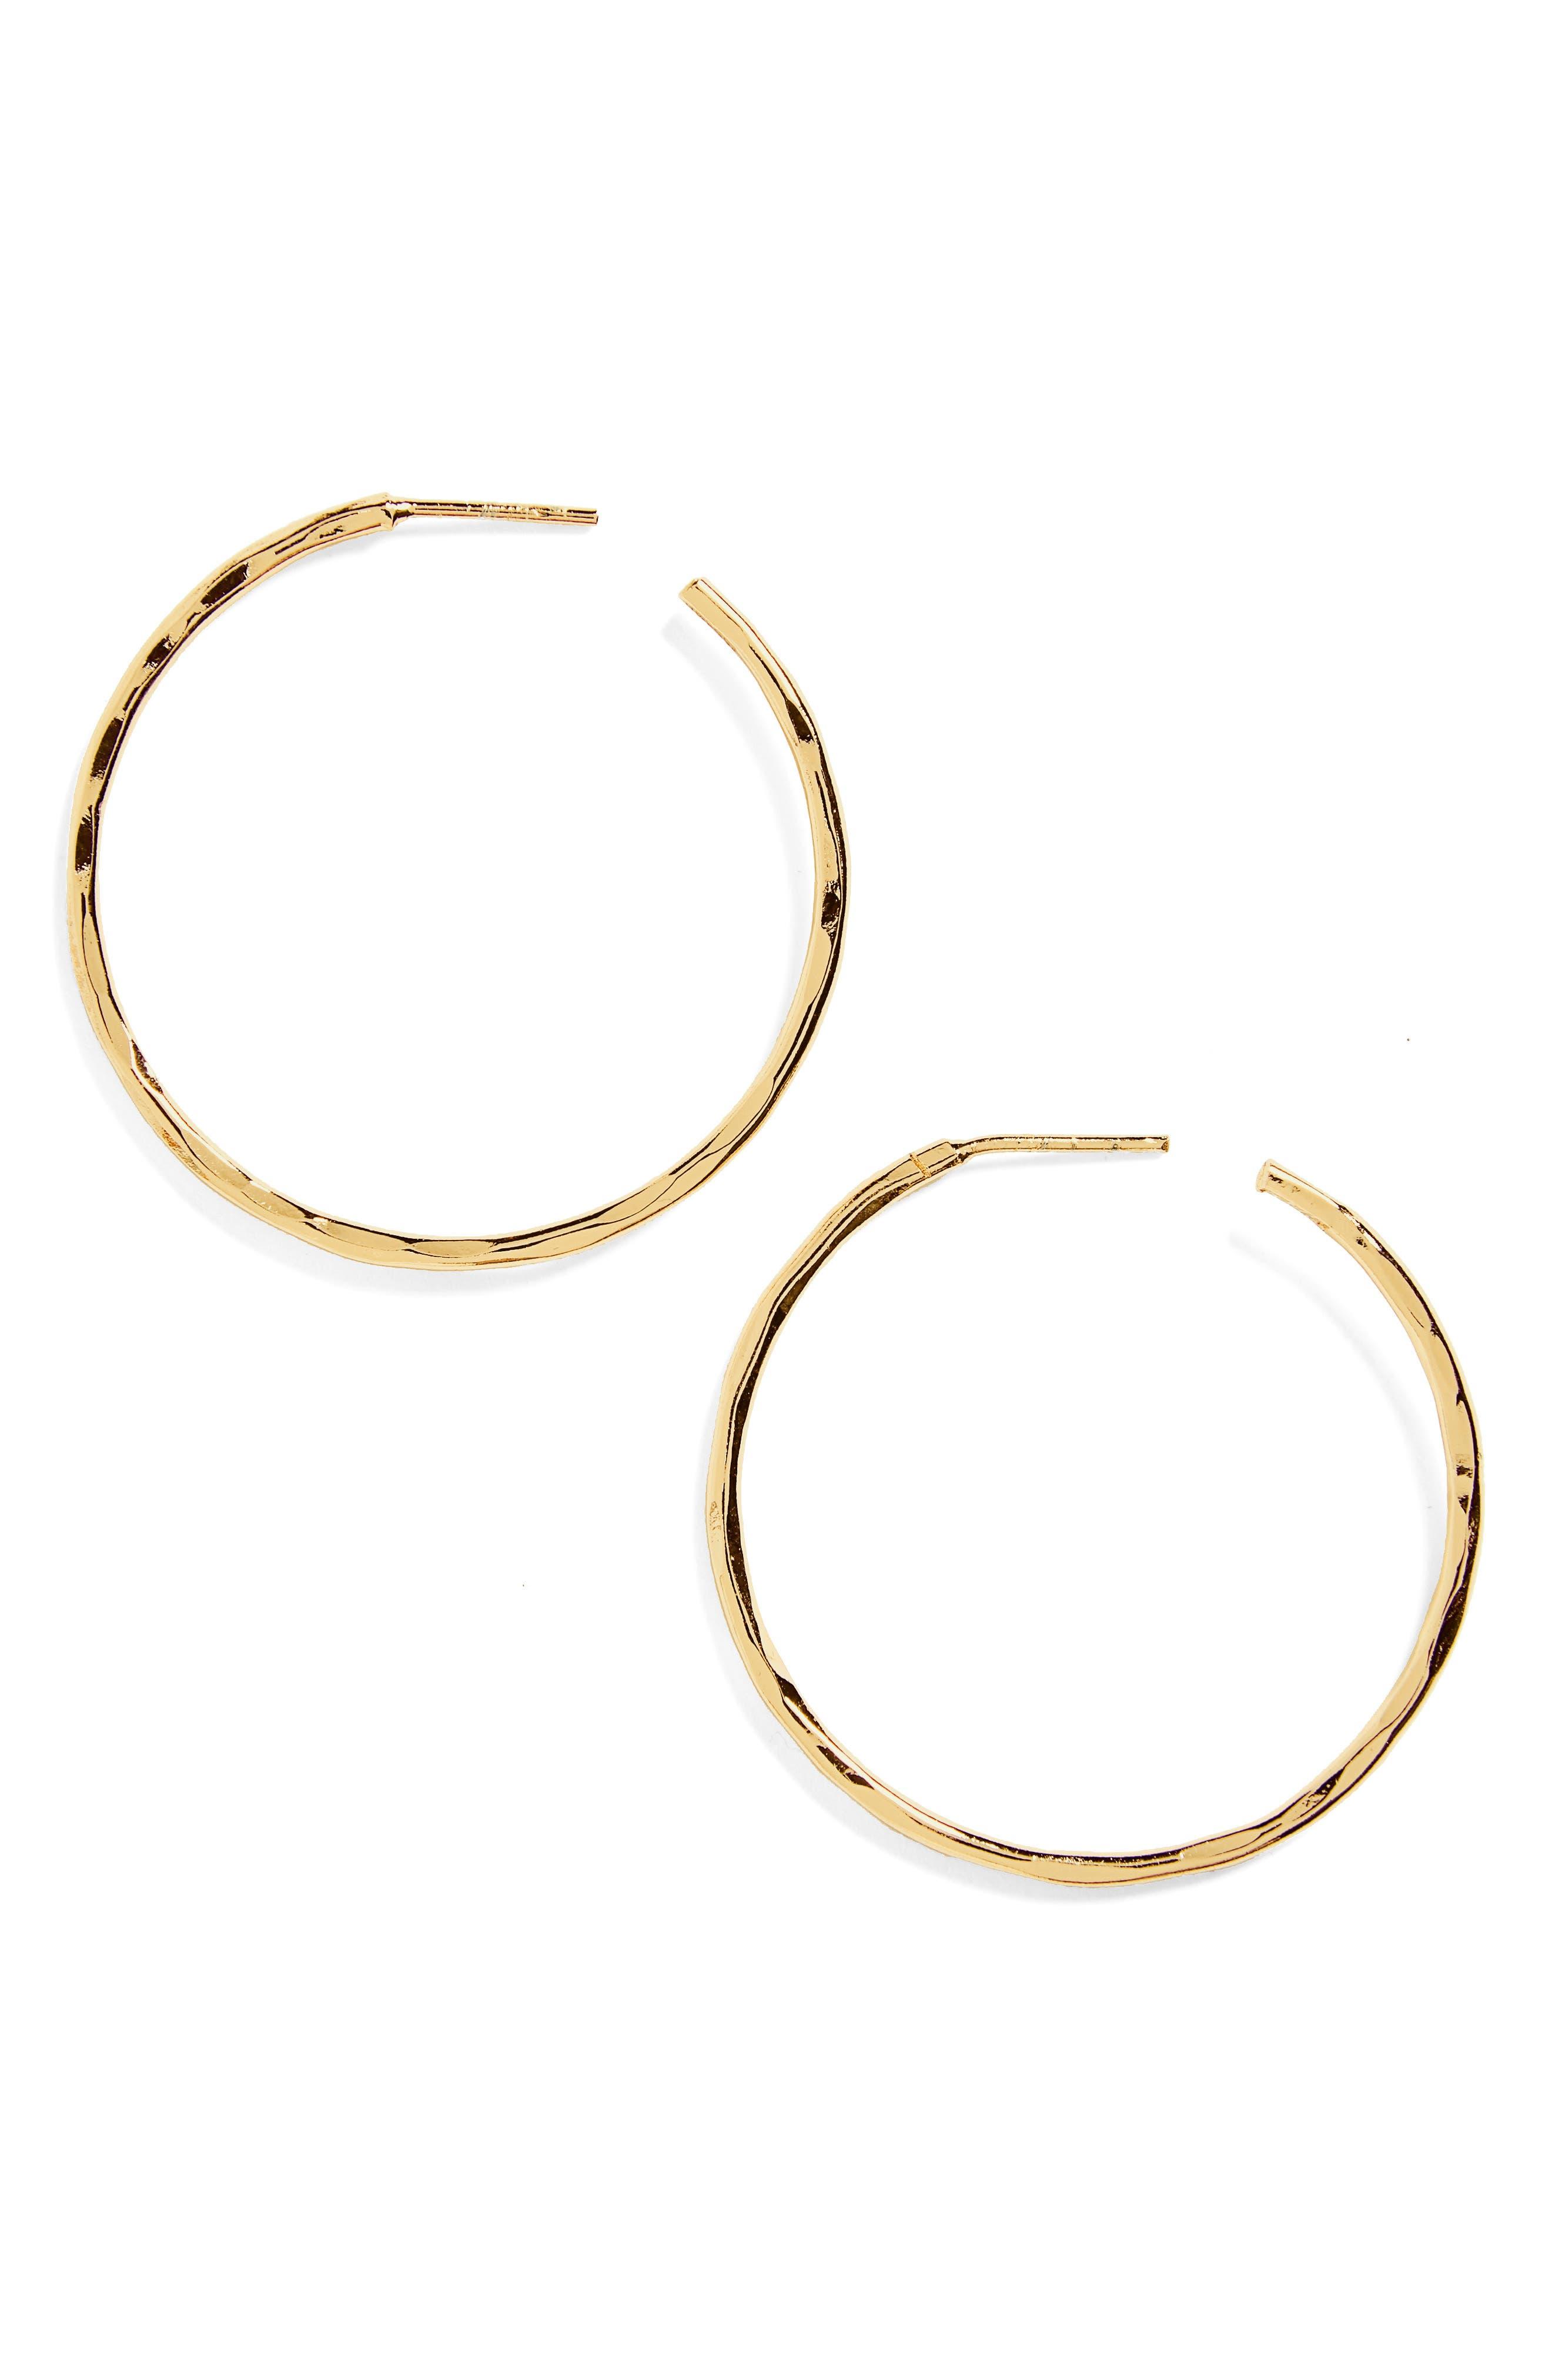 Medium Hammered Hoop Earrings,                         Main,                         color, GOLD